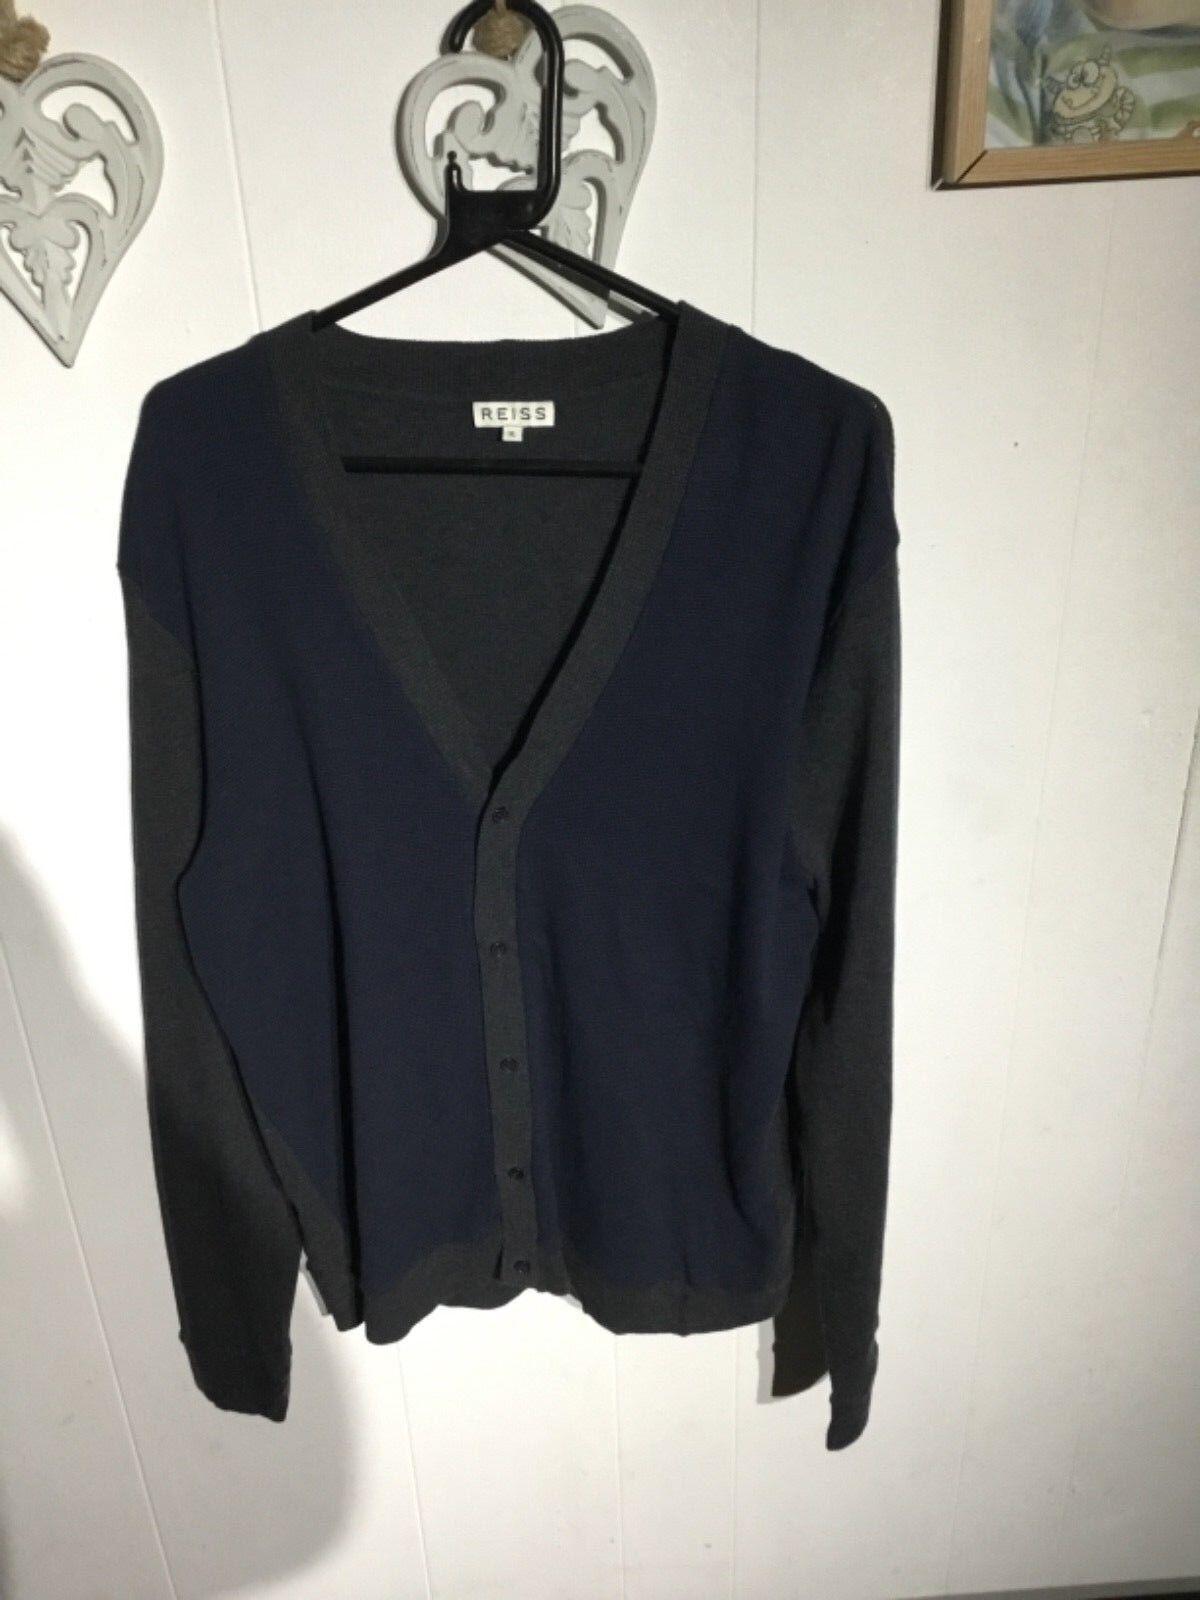 Men's Reiss Buttoned Cardigan size XL, 100% Cotton...